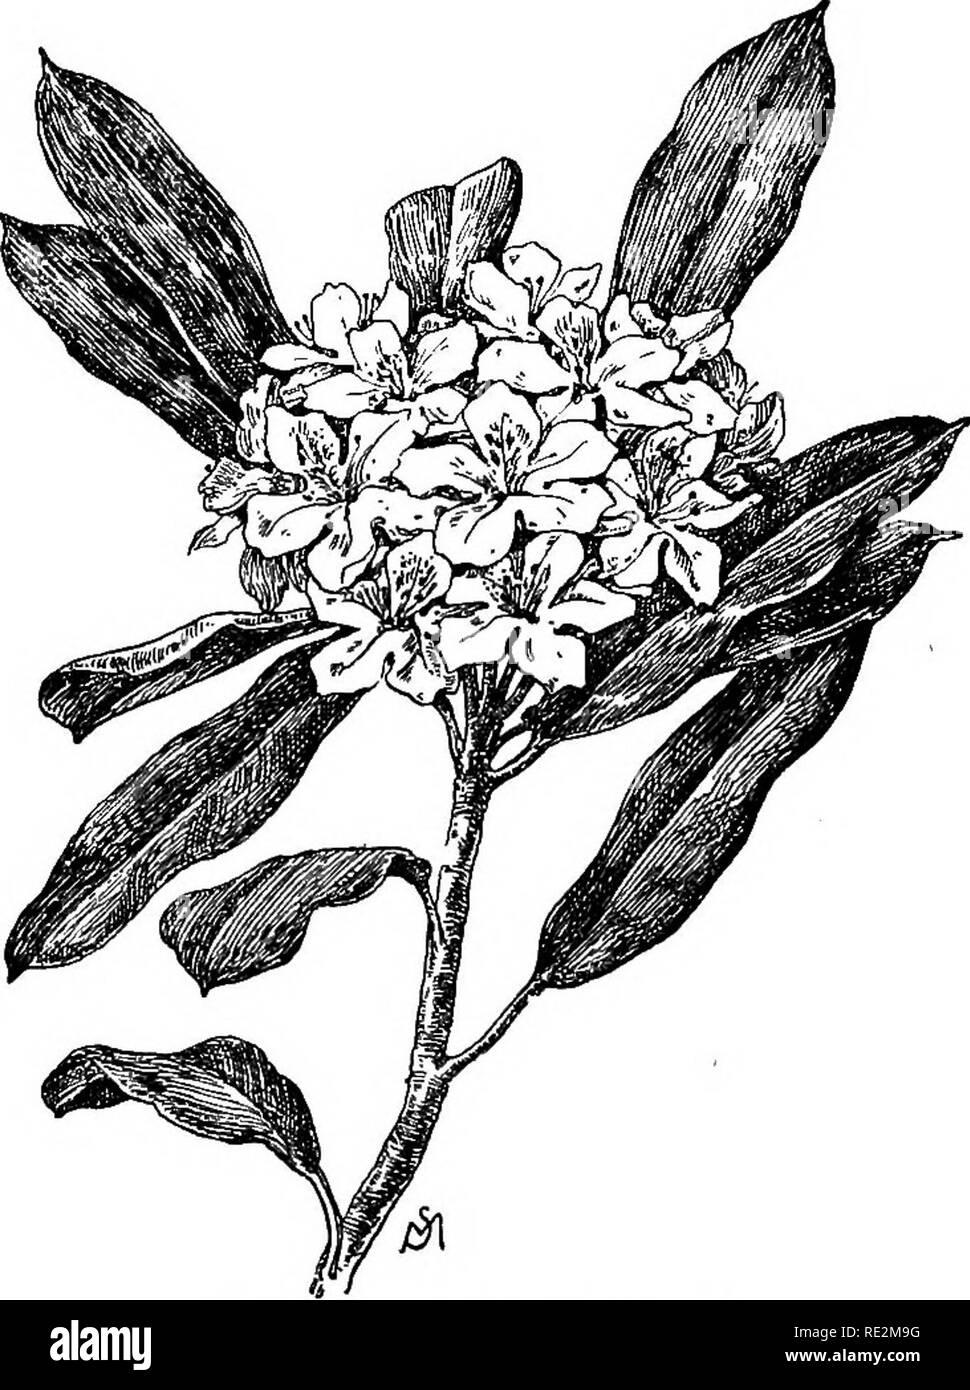 Fiori Giallo Verdognoli.Familiarita Dei Fiori Di Campo E Giardino La Botanica 62